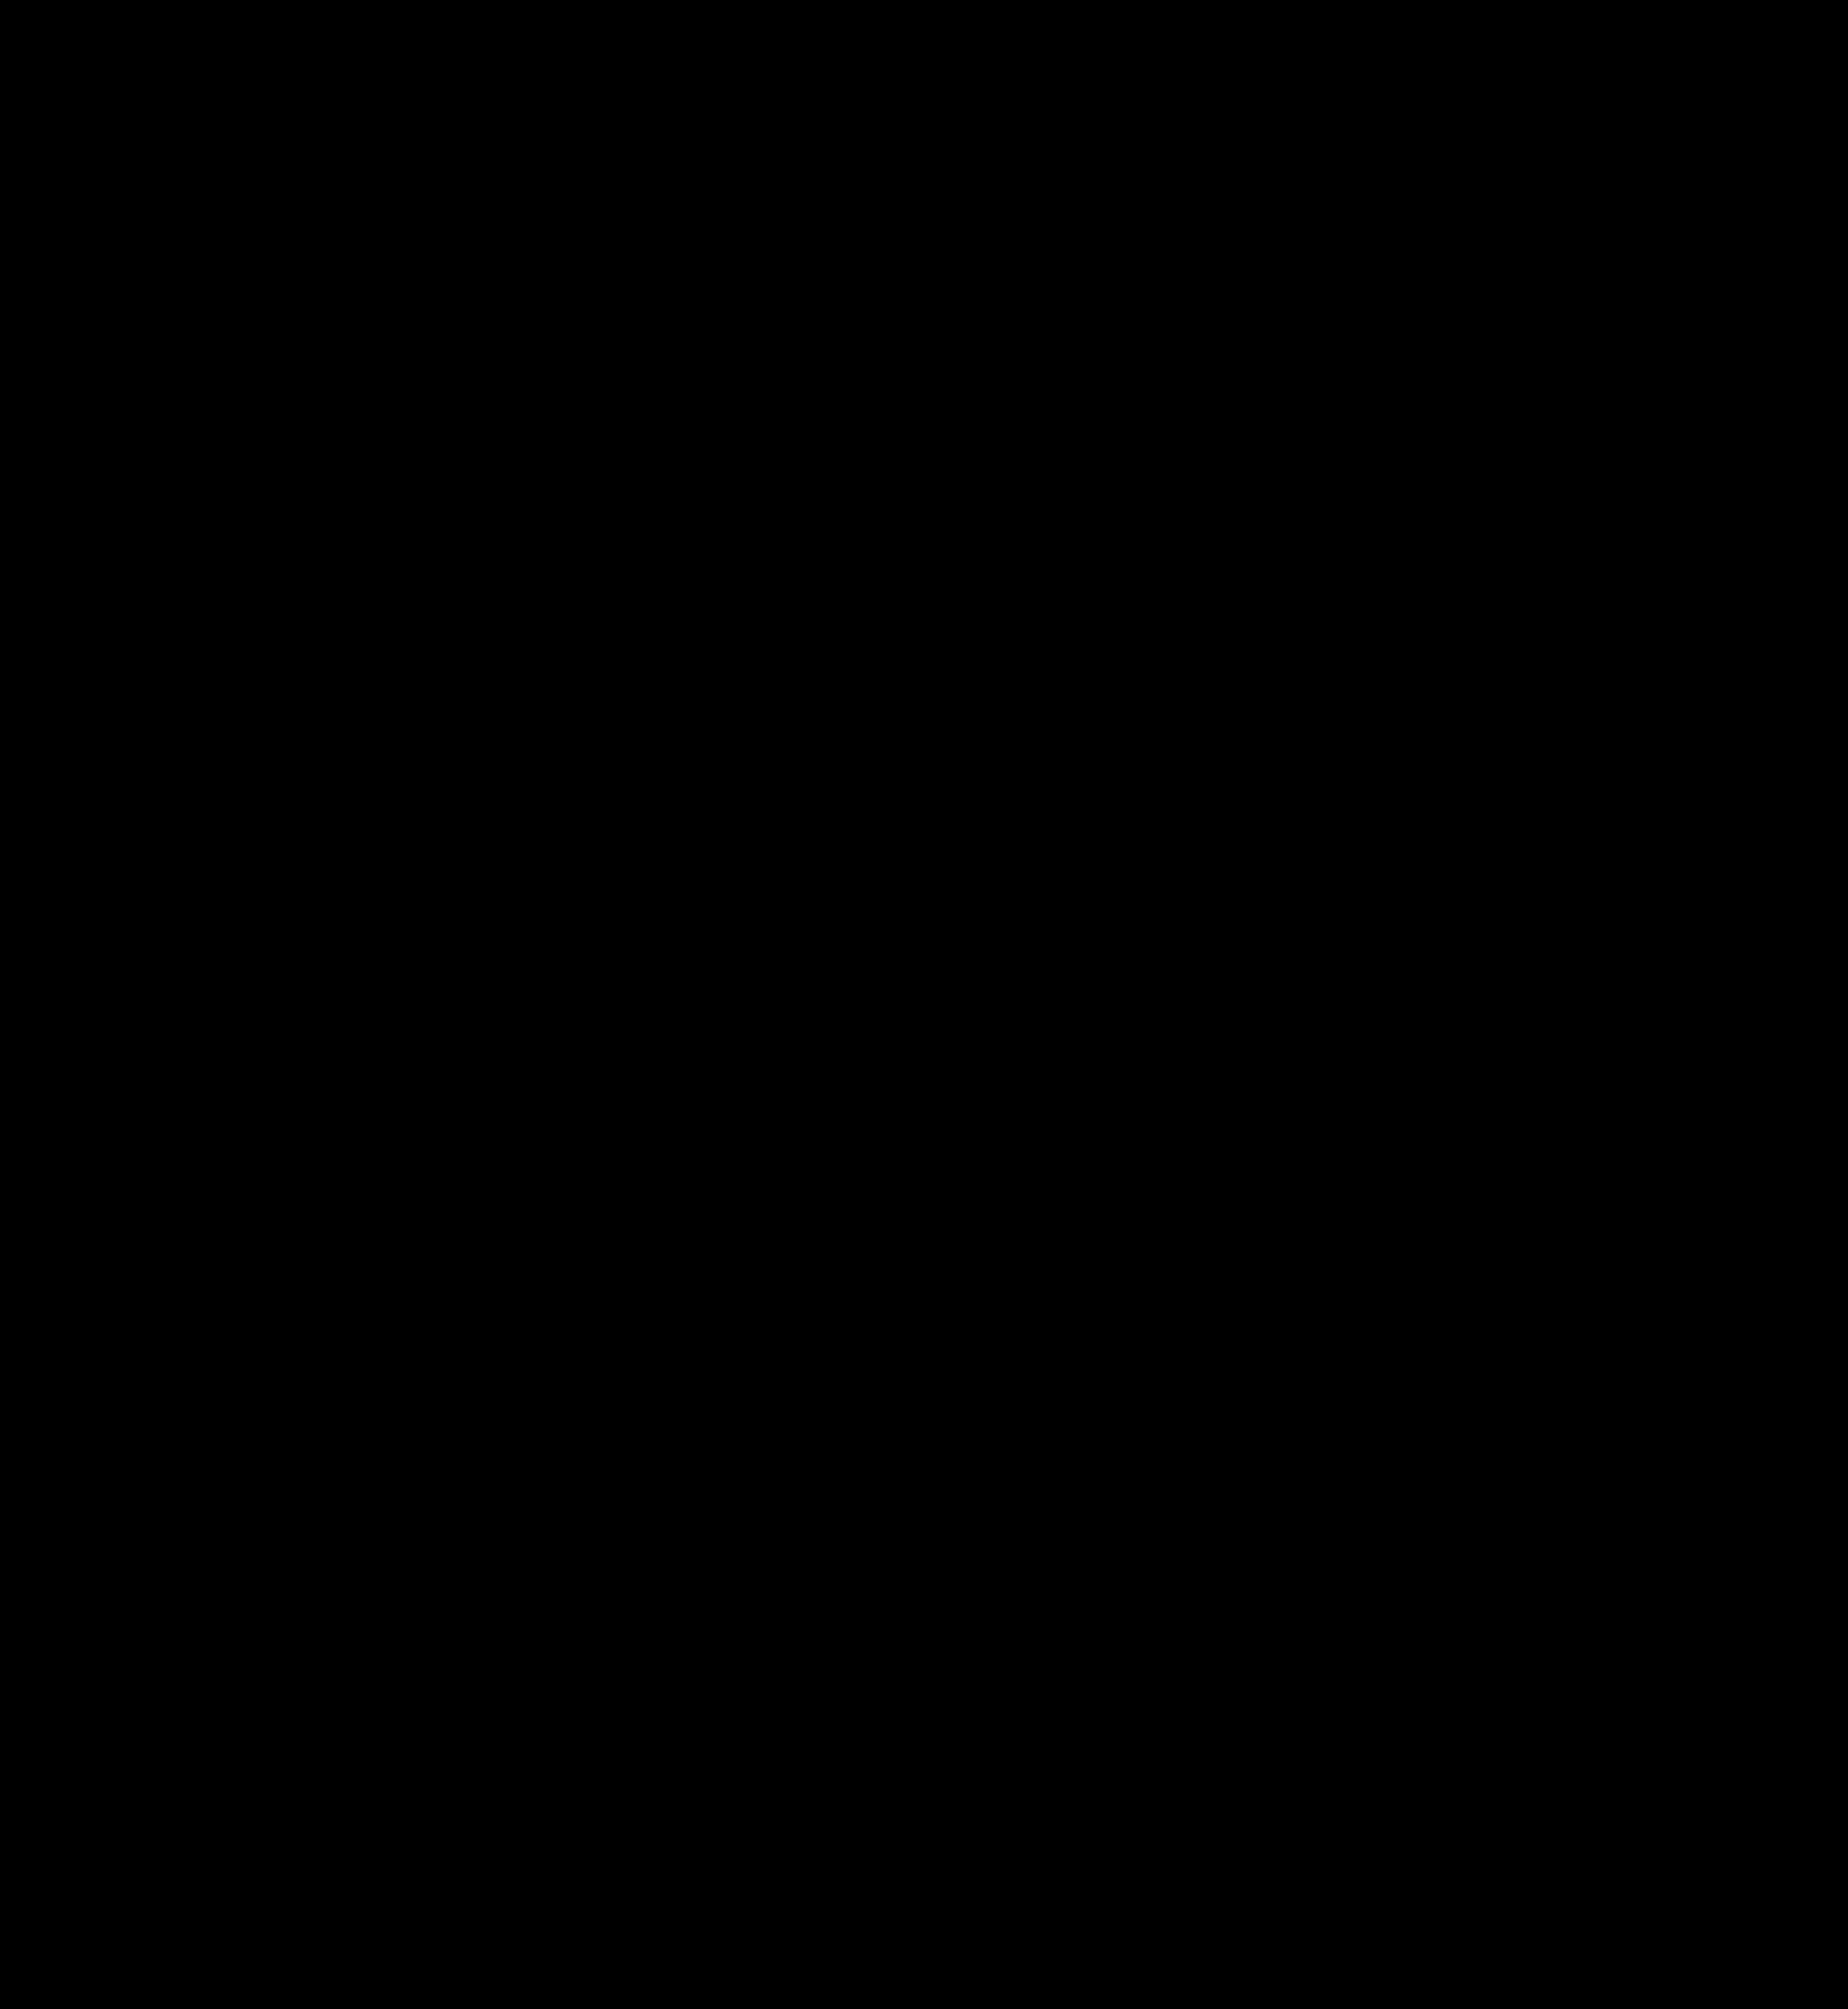 Metallkreissägeblätter für Kreissägen bei METZLER